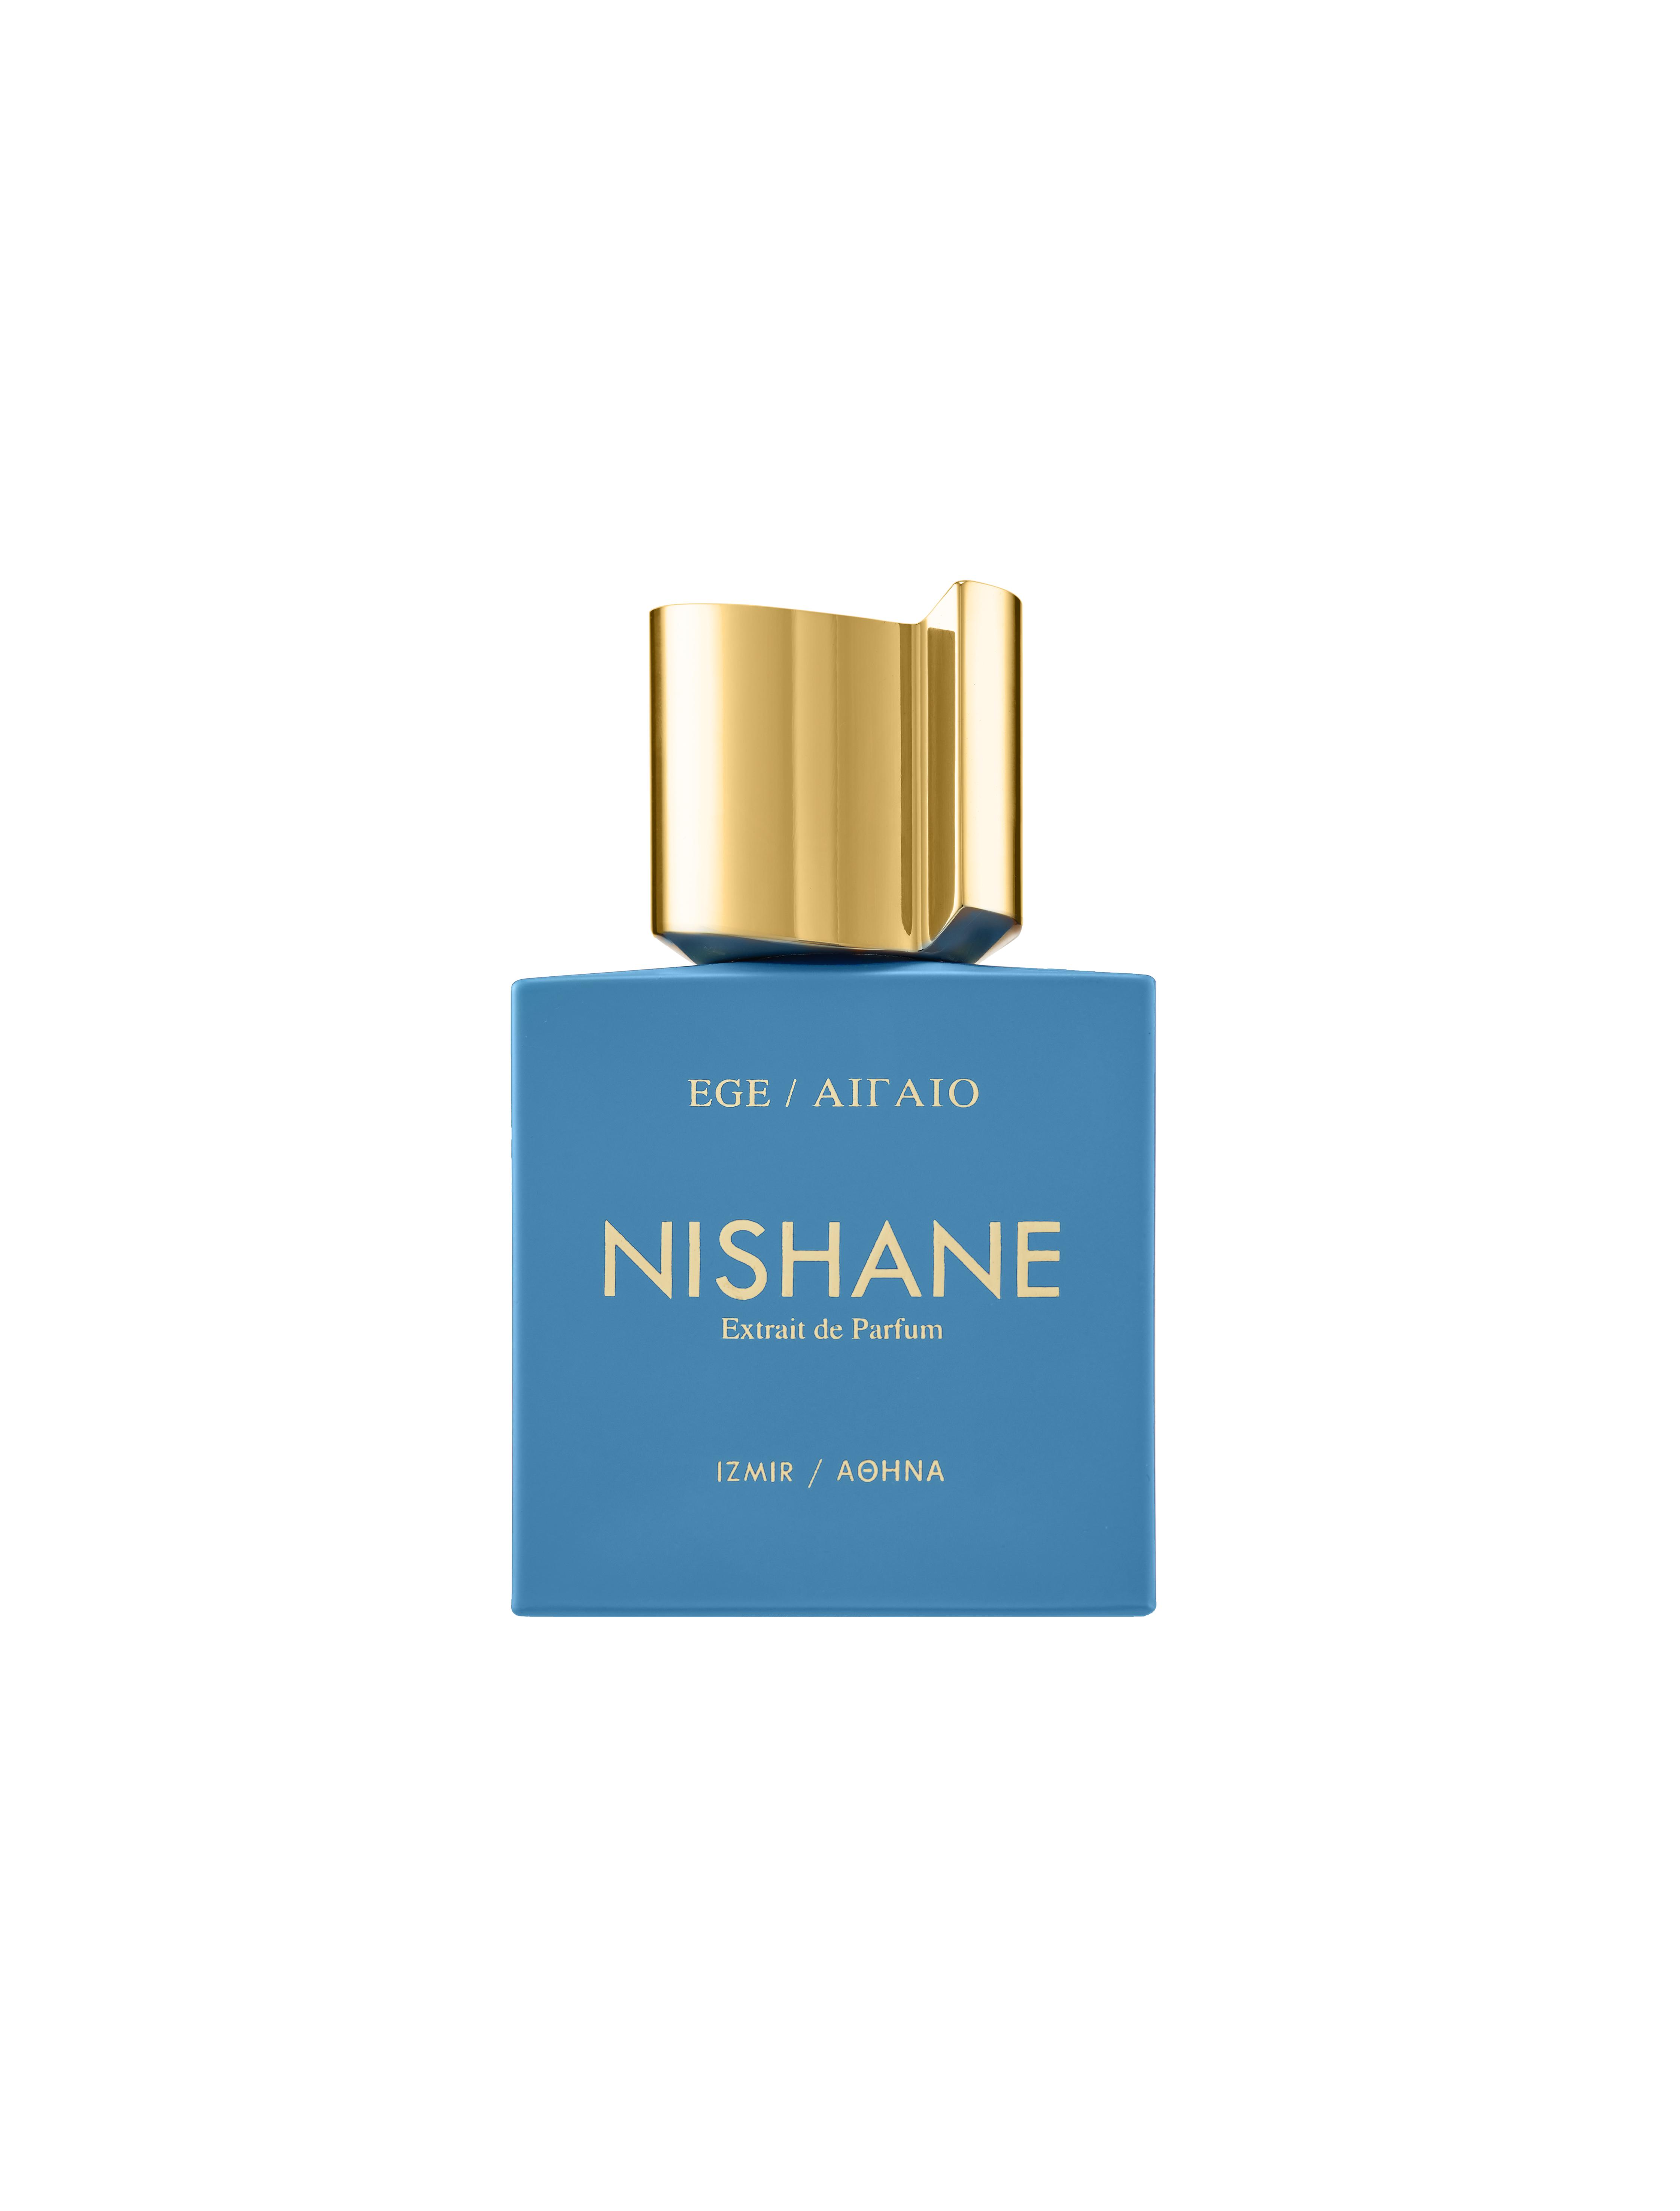 Nishane - Ege / ΑΙΓΑΙΟ - Extrait de Parfum 50 ml